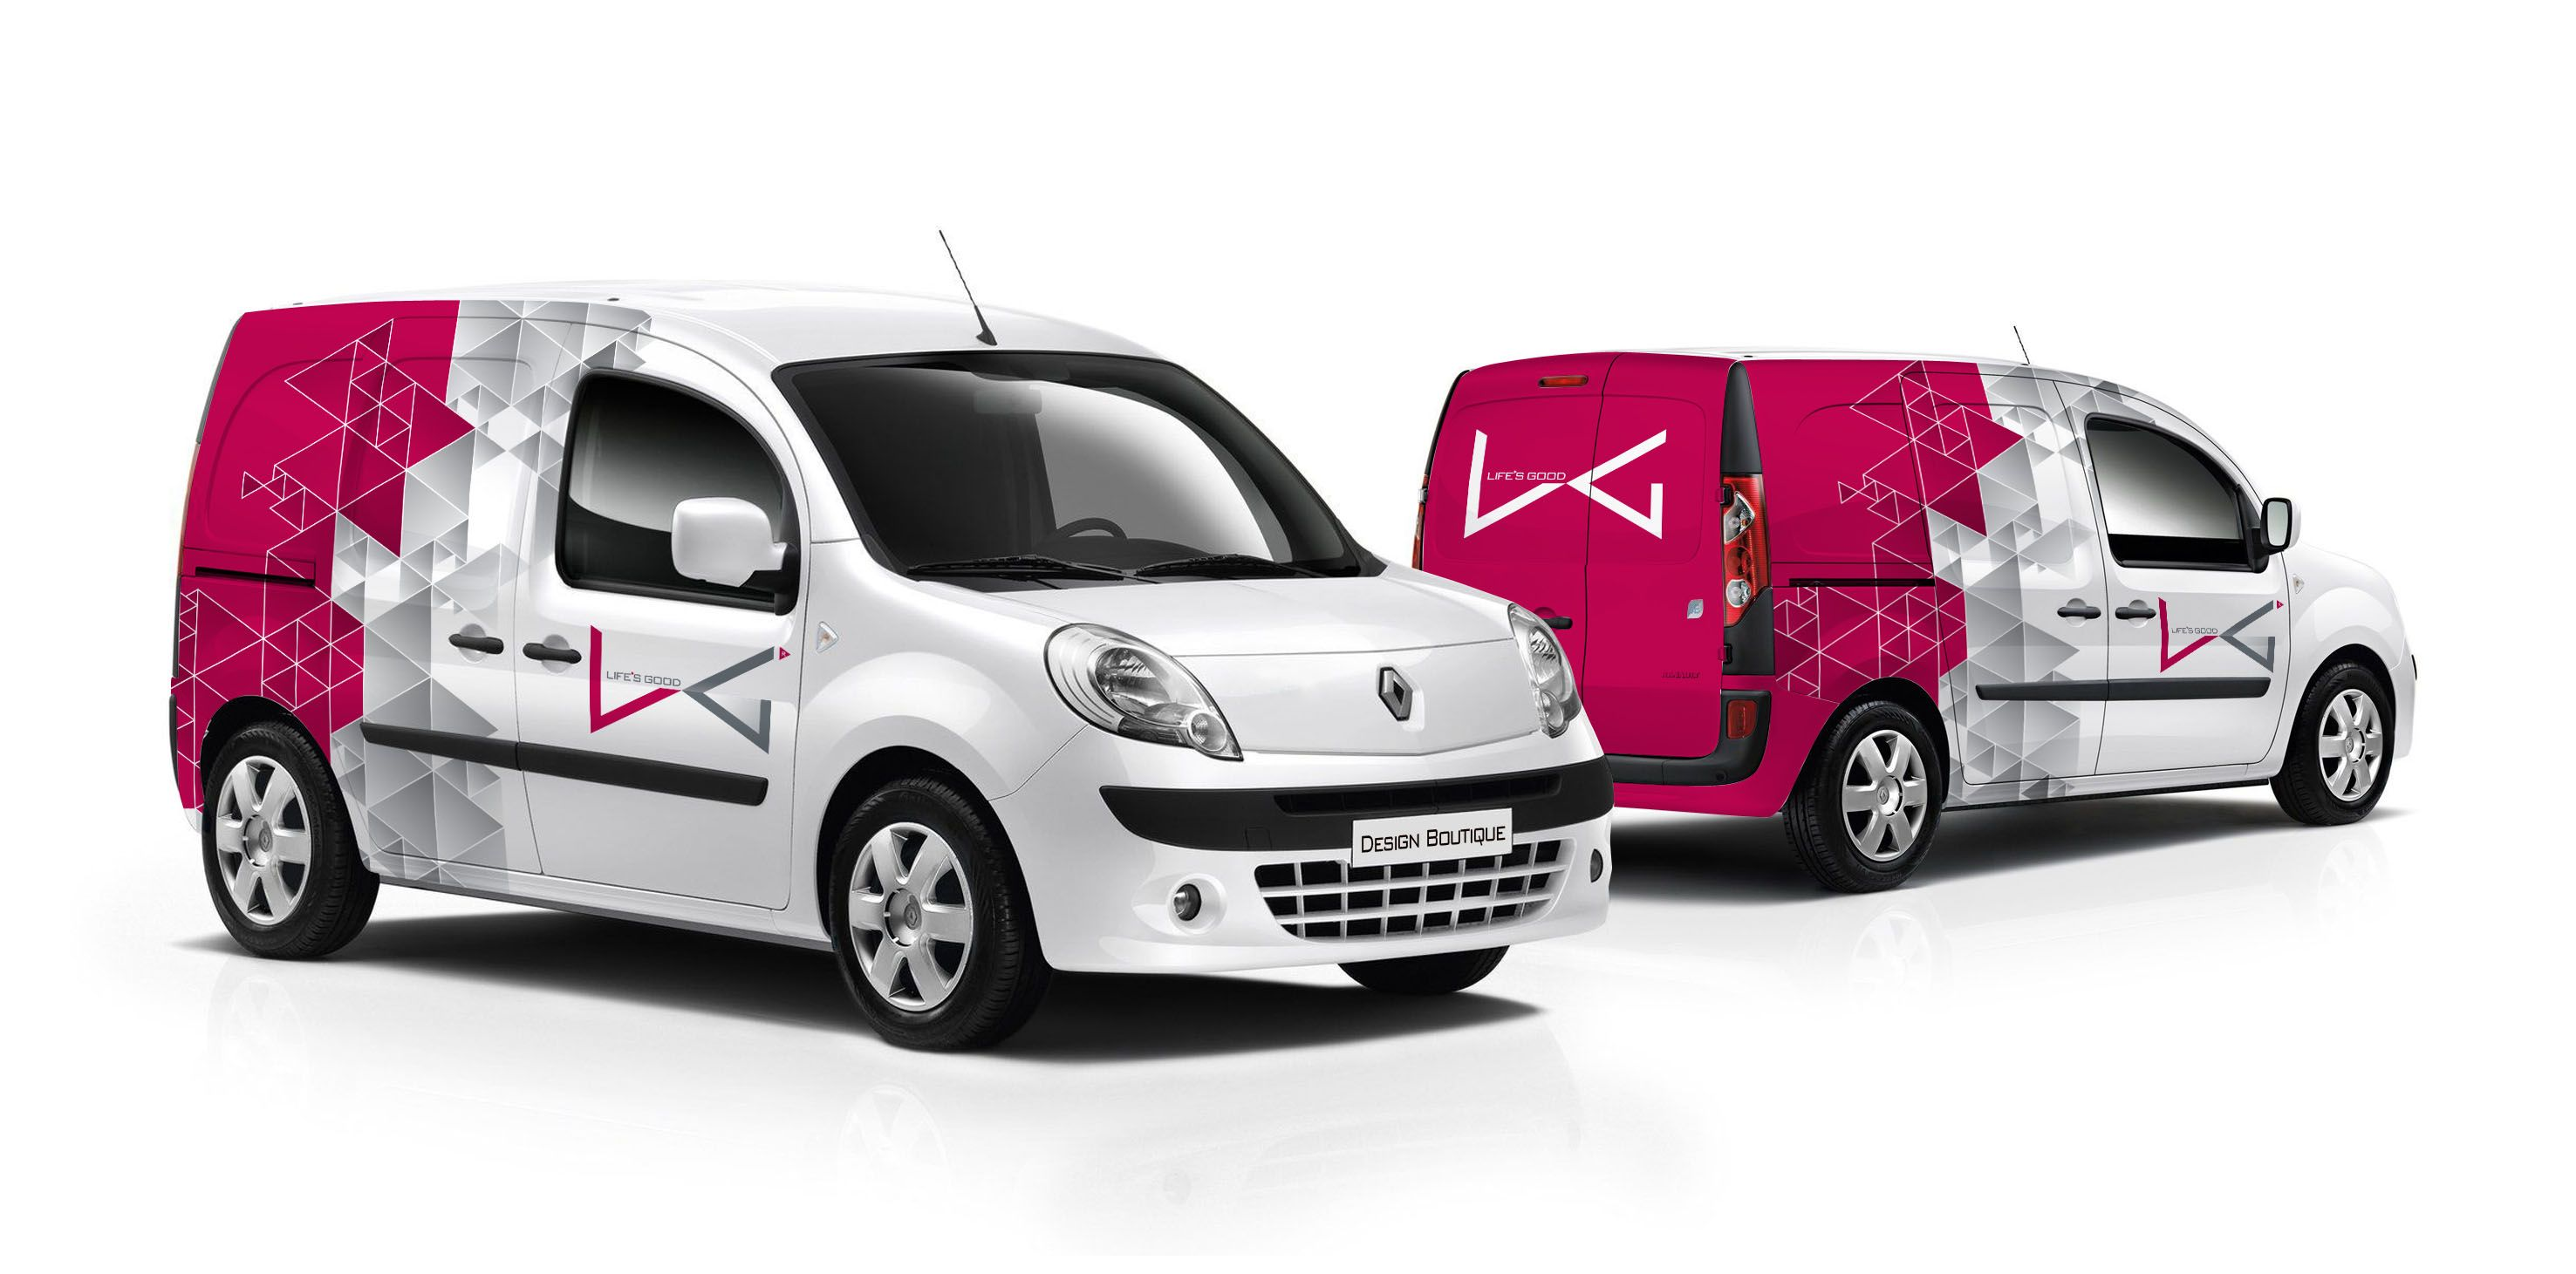 Pin Von Kristen Pryor Auf Red Graphic Design Fahrzeugbeschriftung Fahrzeugfolierung Autobeschriftung